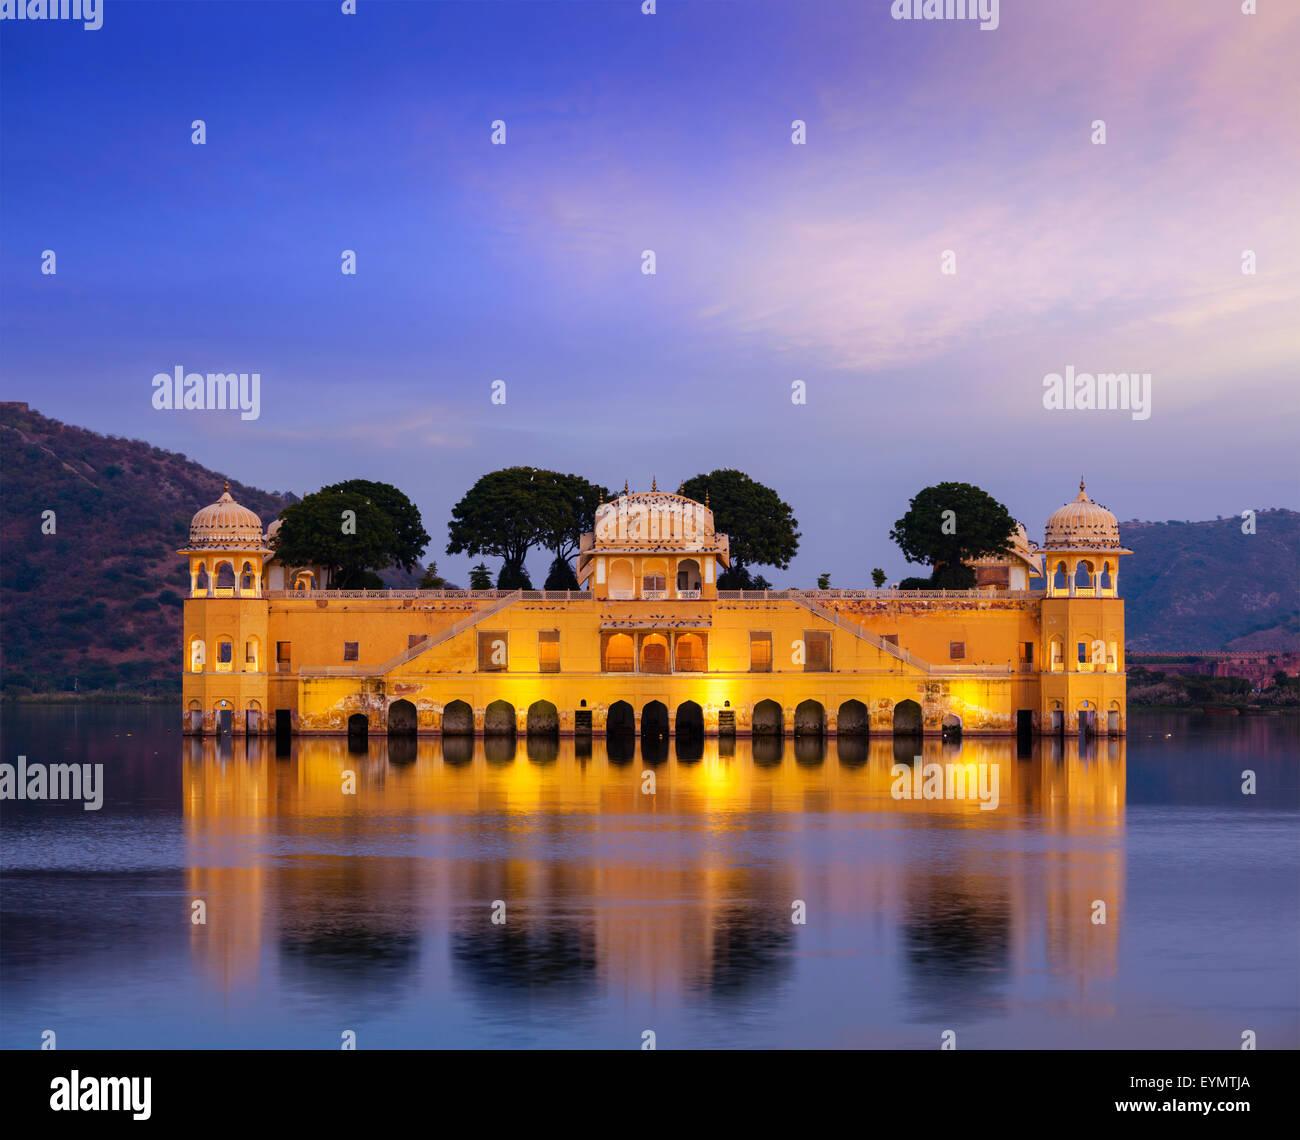 Rajasthan landmark - Jal Mahal Water Palace on Man Sagar Lake in the evening in twilight. Jaipur, Rajasthan, India - Stock Image